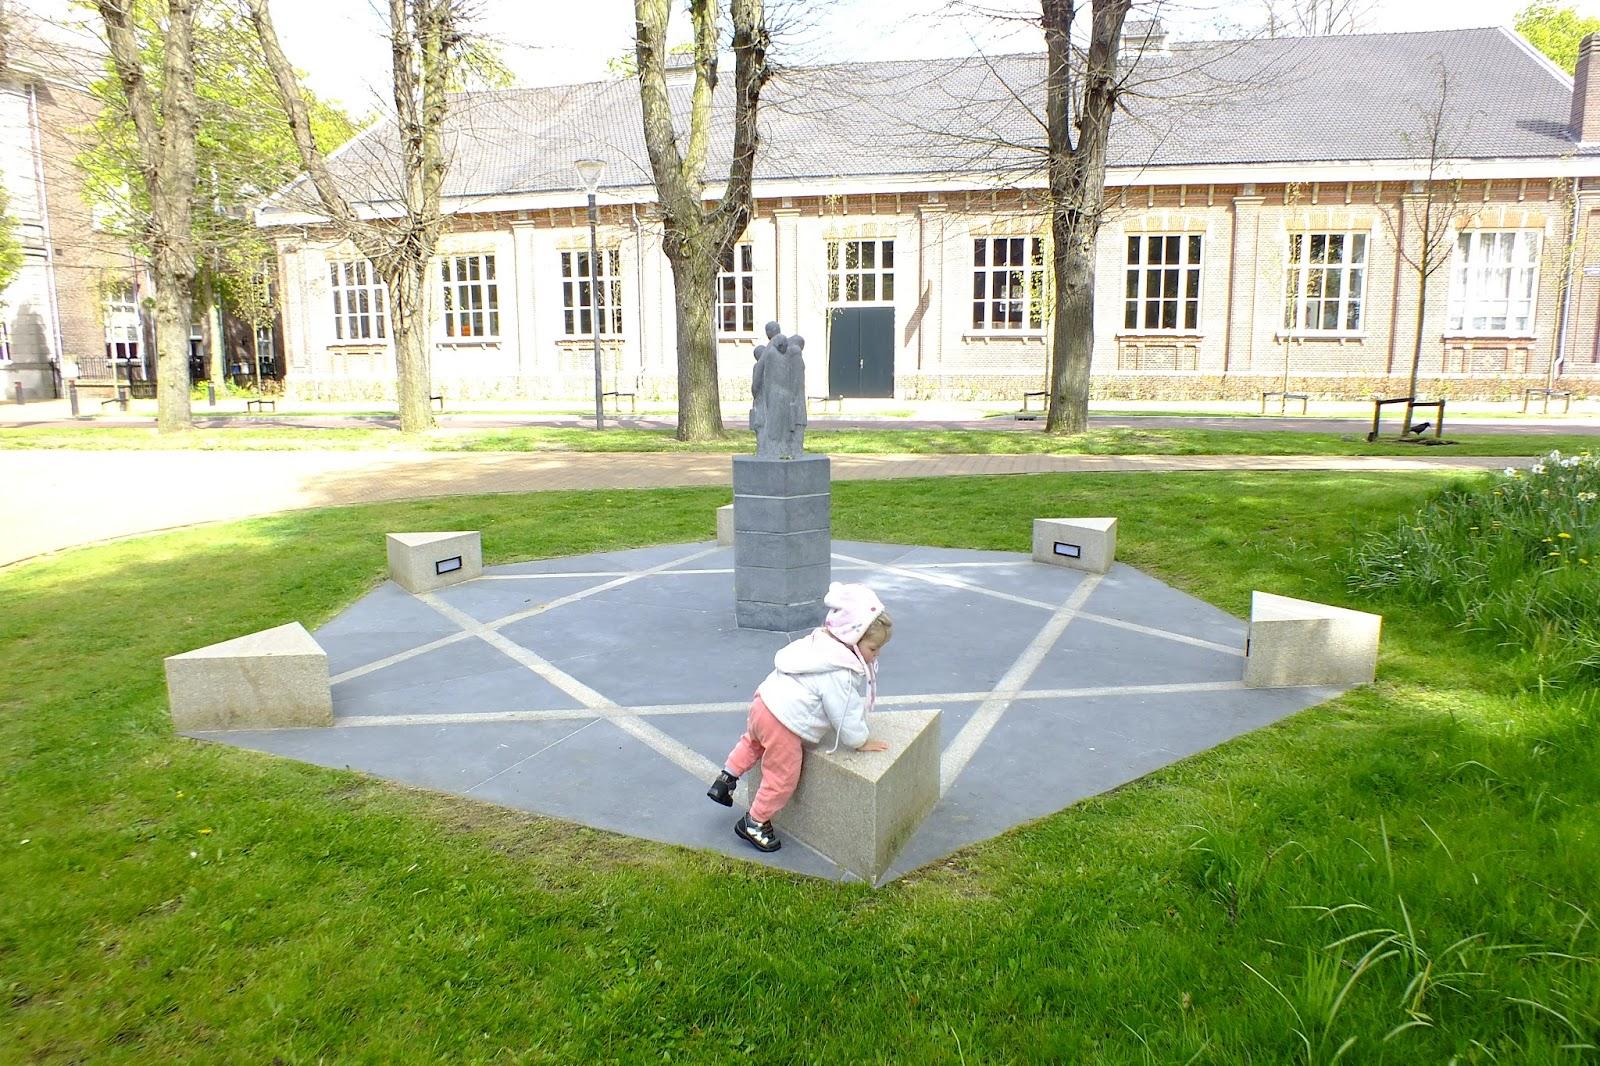 И сперва я подумал: а вдруг кто-нибудь начнет ругаться, что это за ребенок играется на памятнике. А потом я подумал: уж если какой ребенок и должен играться на этом памятнике, так это вот этот.